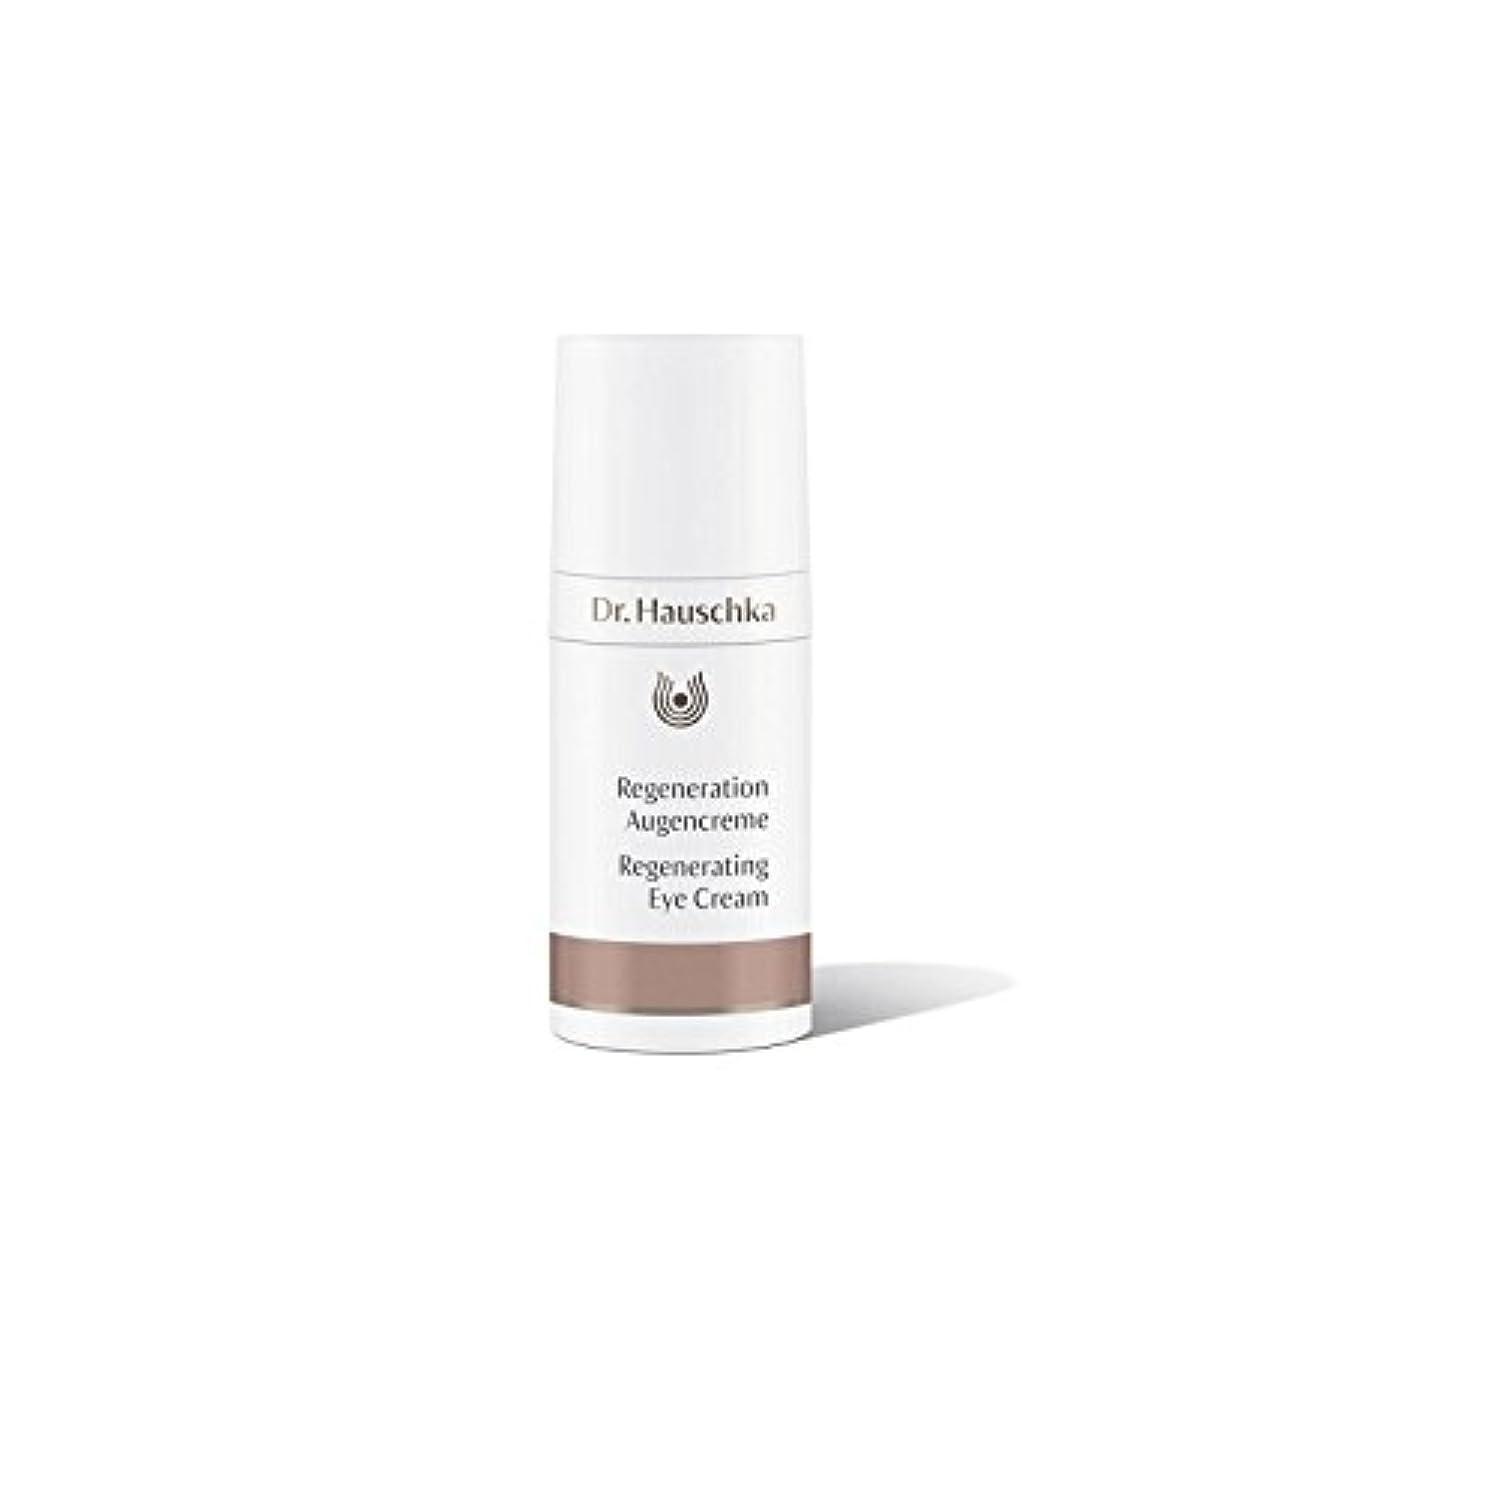 レガシーすばらしいです原告Dr. Hauschka Regenerating Eye Cream 15ml (Pack of 6) - アイクリーム15ミリリットルを再生ハウシュカ x6 [並行輸入品]